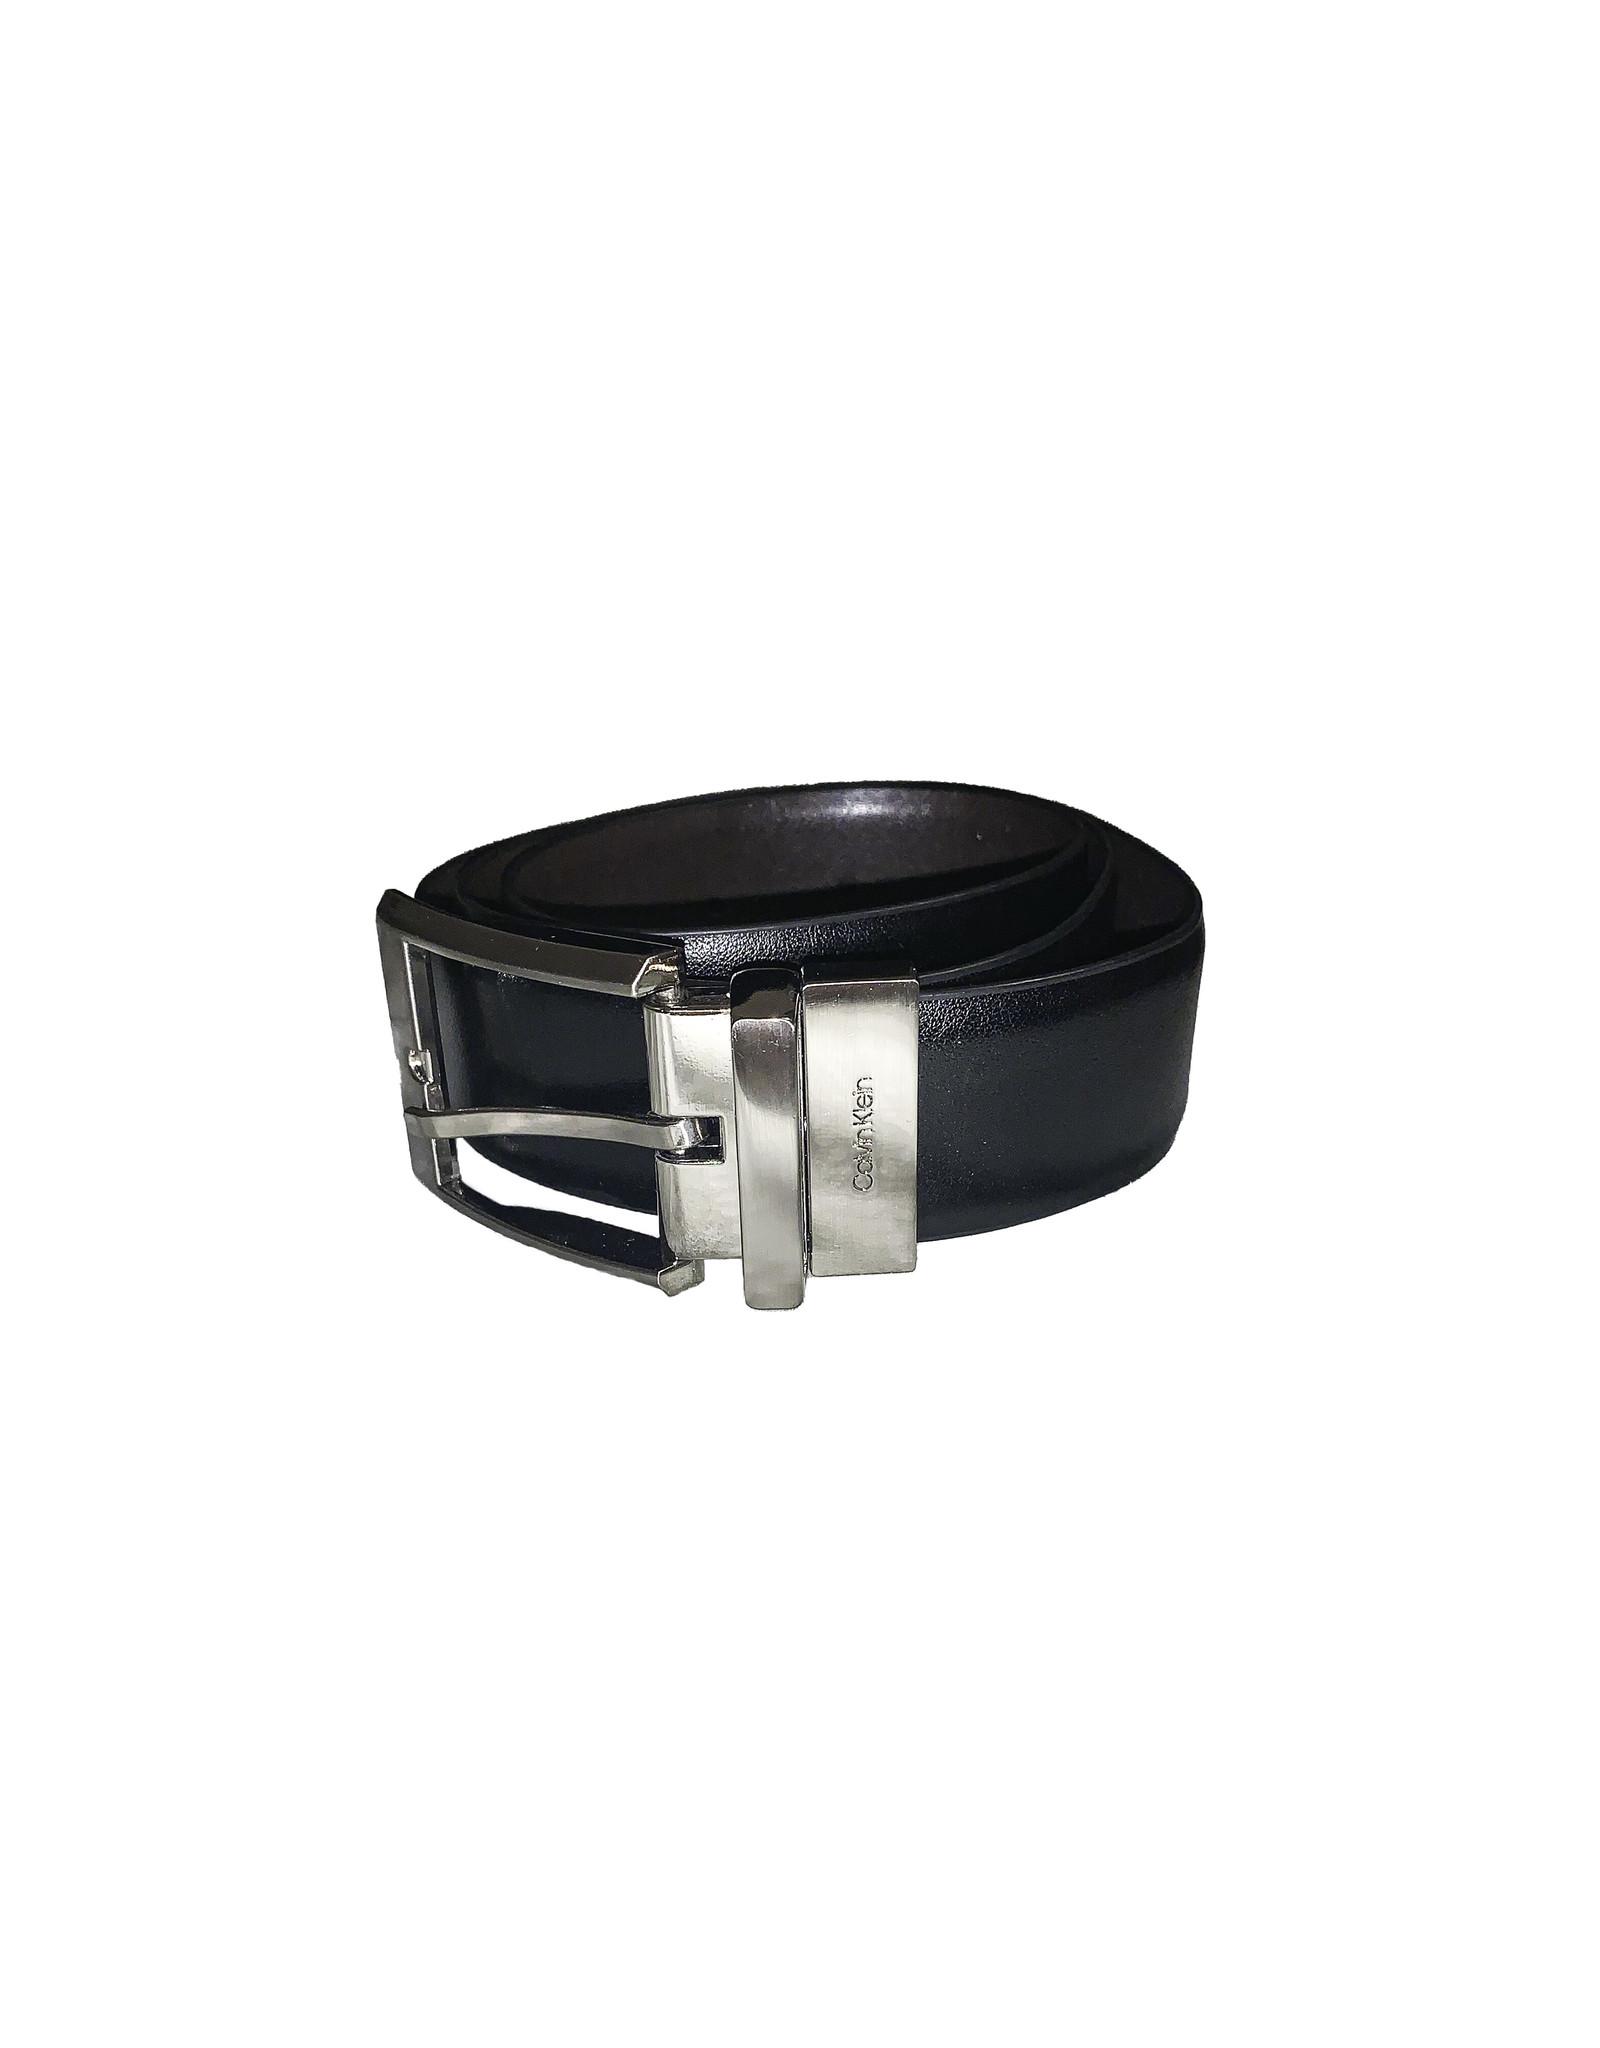 Calvin Klein CALVIN  KLEIN  Belt